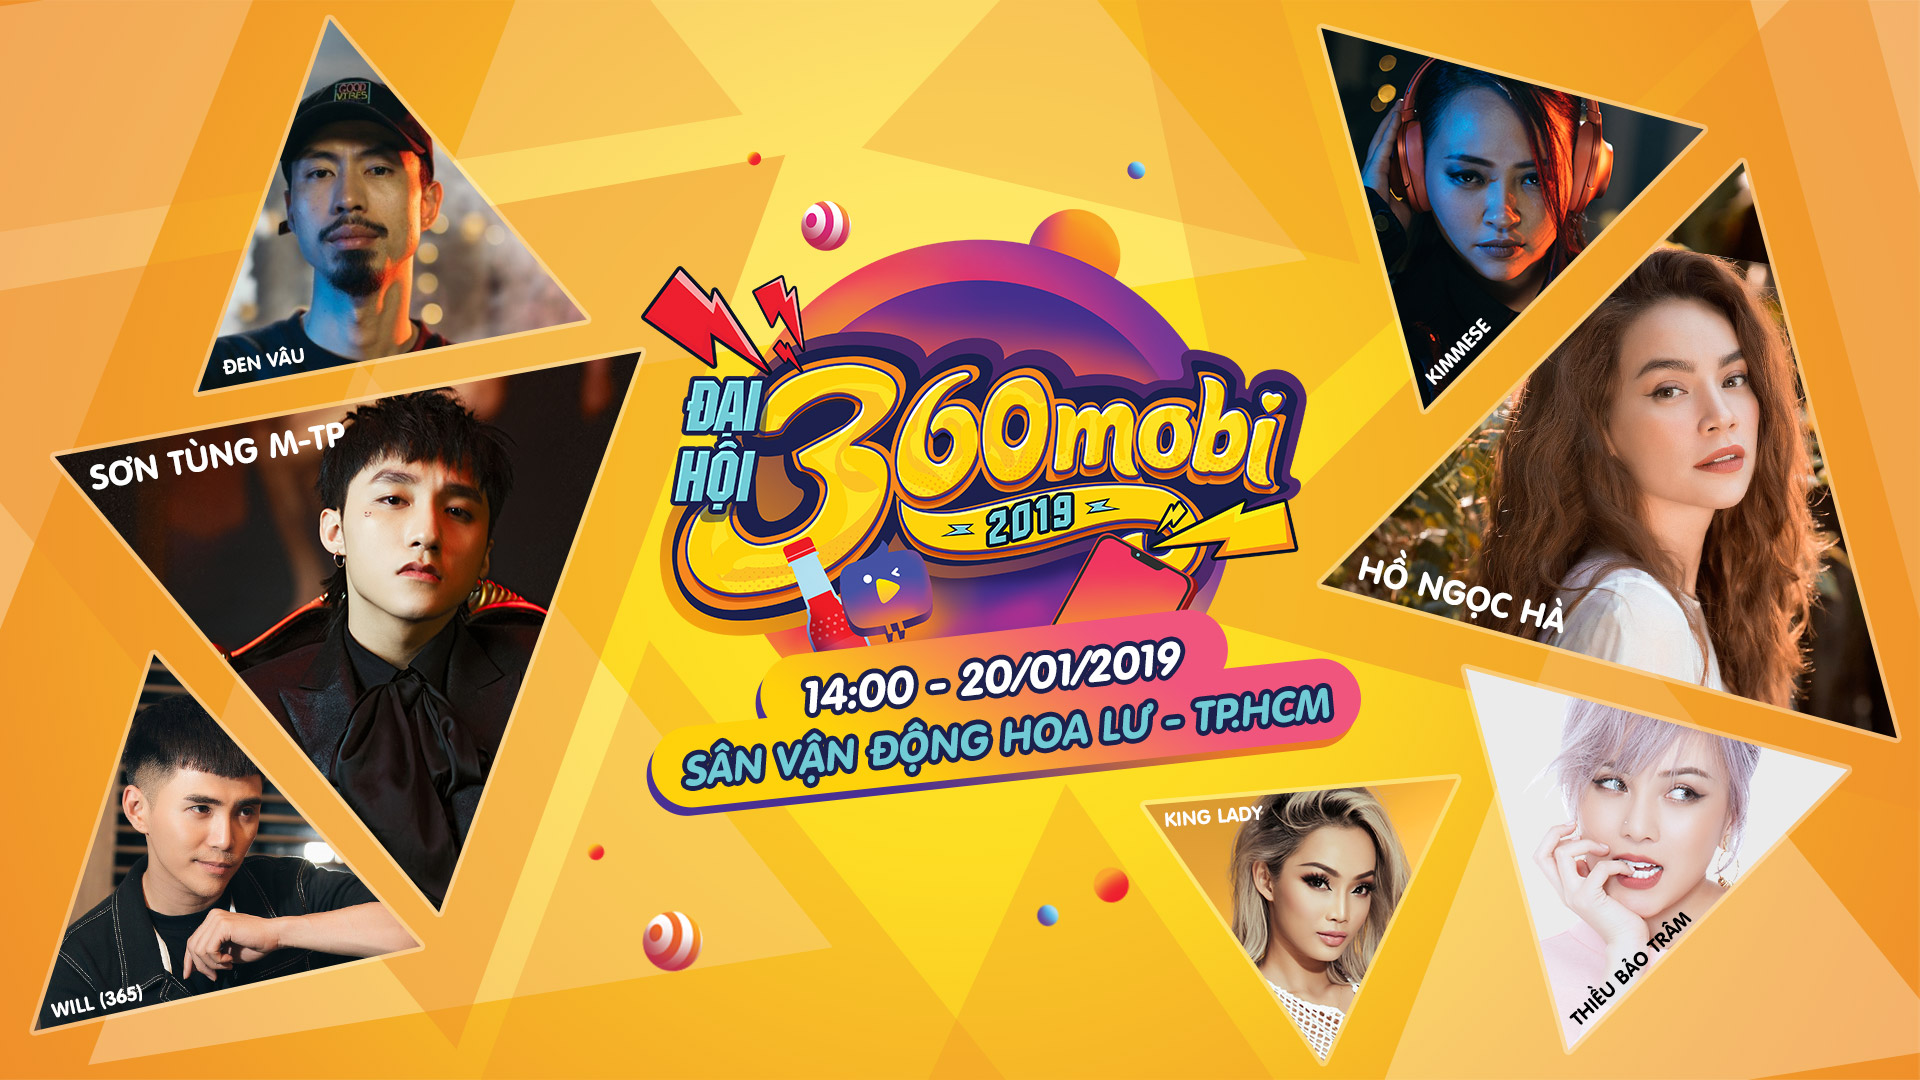 Điểm danh các tựa game hot của VNG sẽ có mặt tại đại hội 360mobi 0